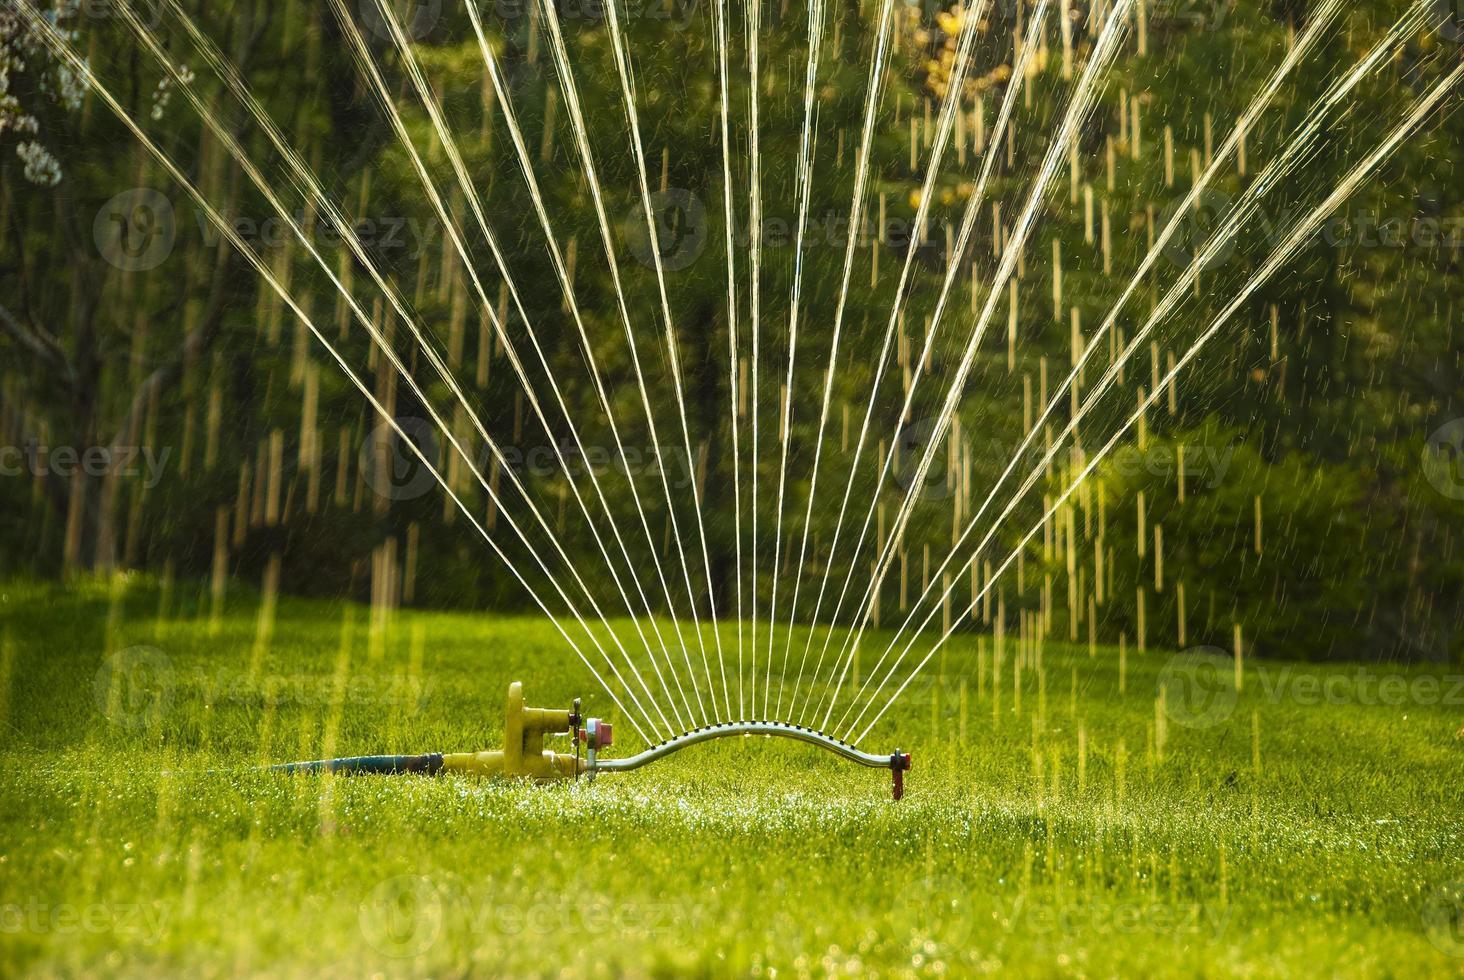 Close up of sprinkler photo